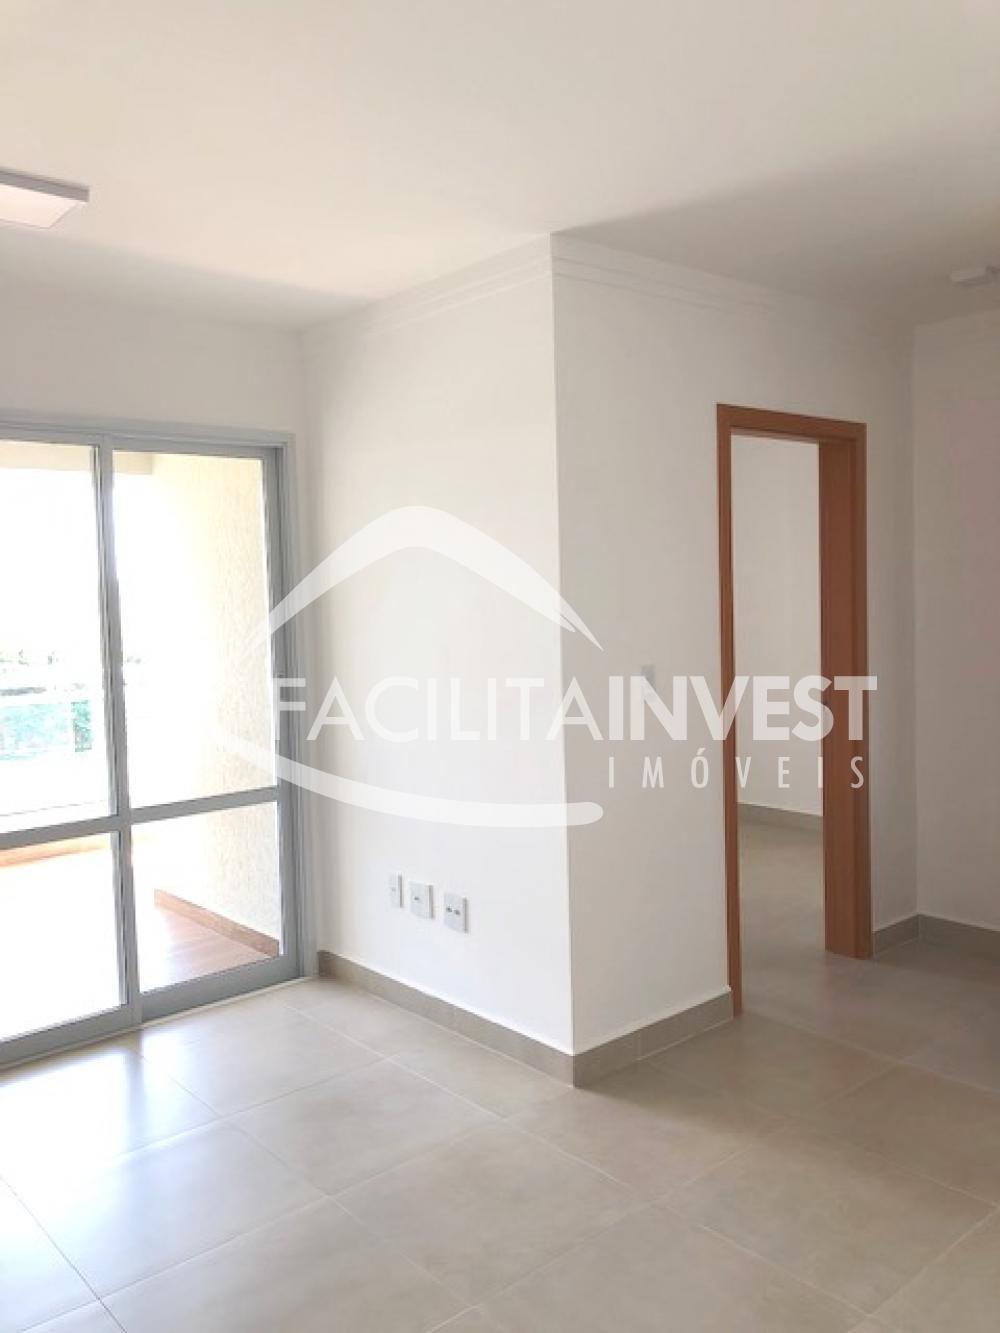 Alugar Lançamentos/ Empreendimentos em Construç / Apartamento padrão - Lançamento em Ribeirão Preto apenas R$ 1.200,00 - Foto 7